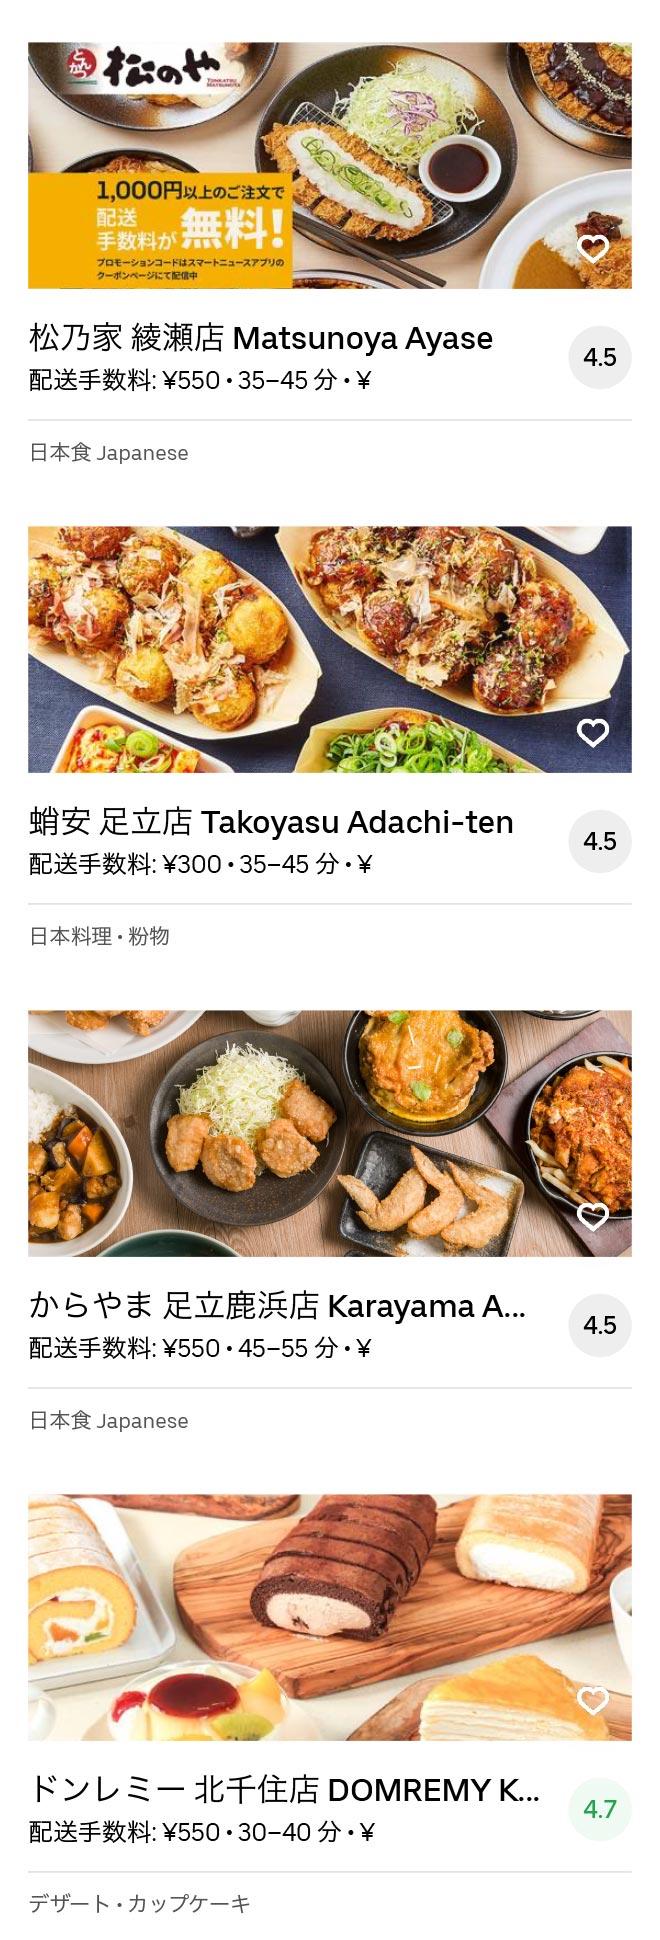 Tokyo takenotsuka menu 2005 09